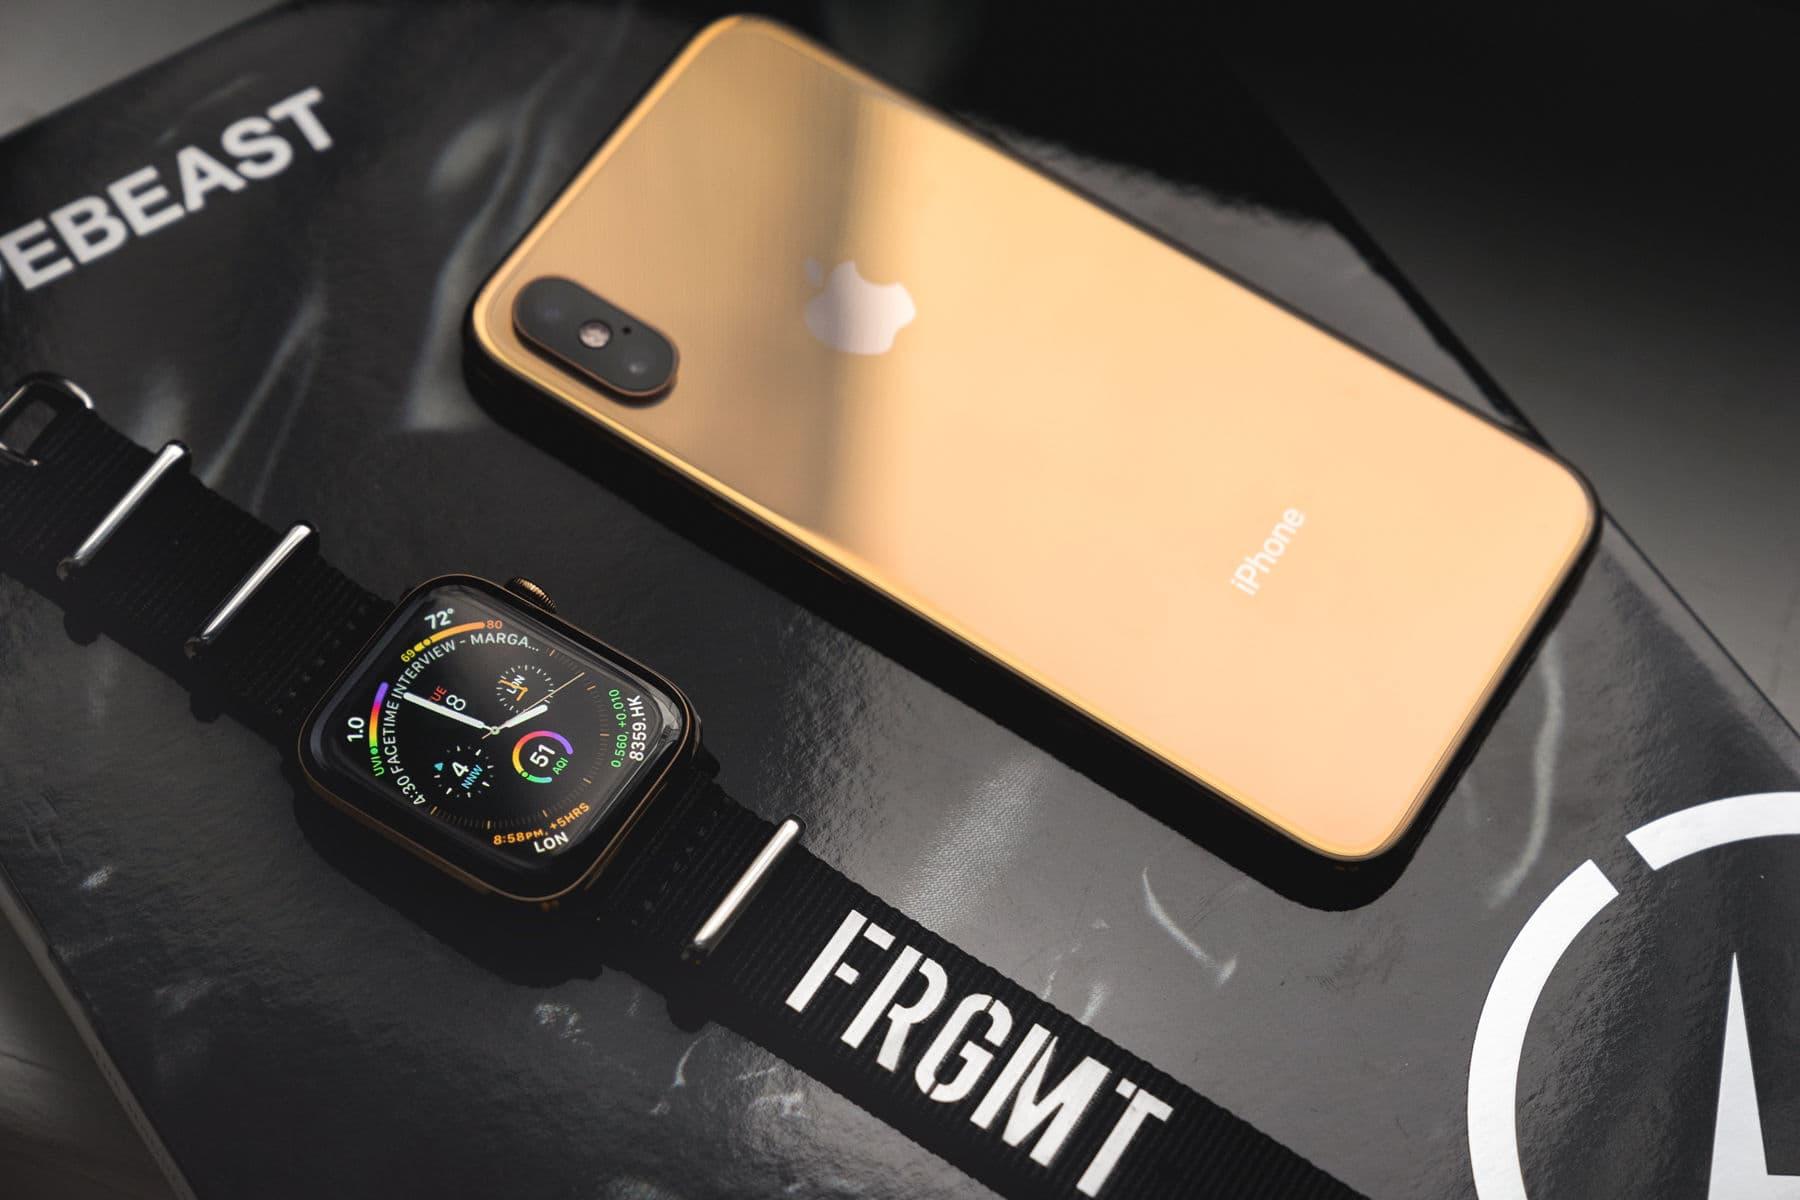 全新金色版 Apple Watch Series 4 及 iPhone XS 細節近賞